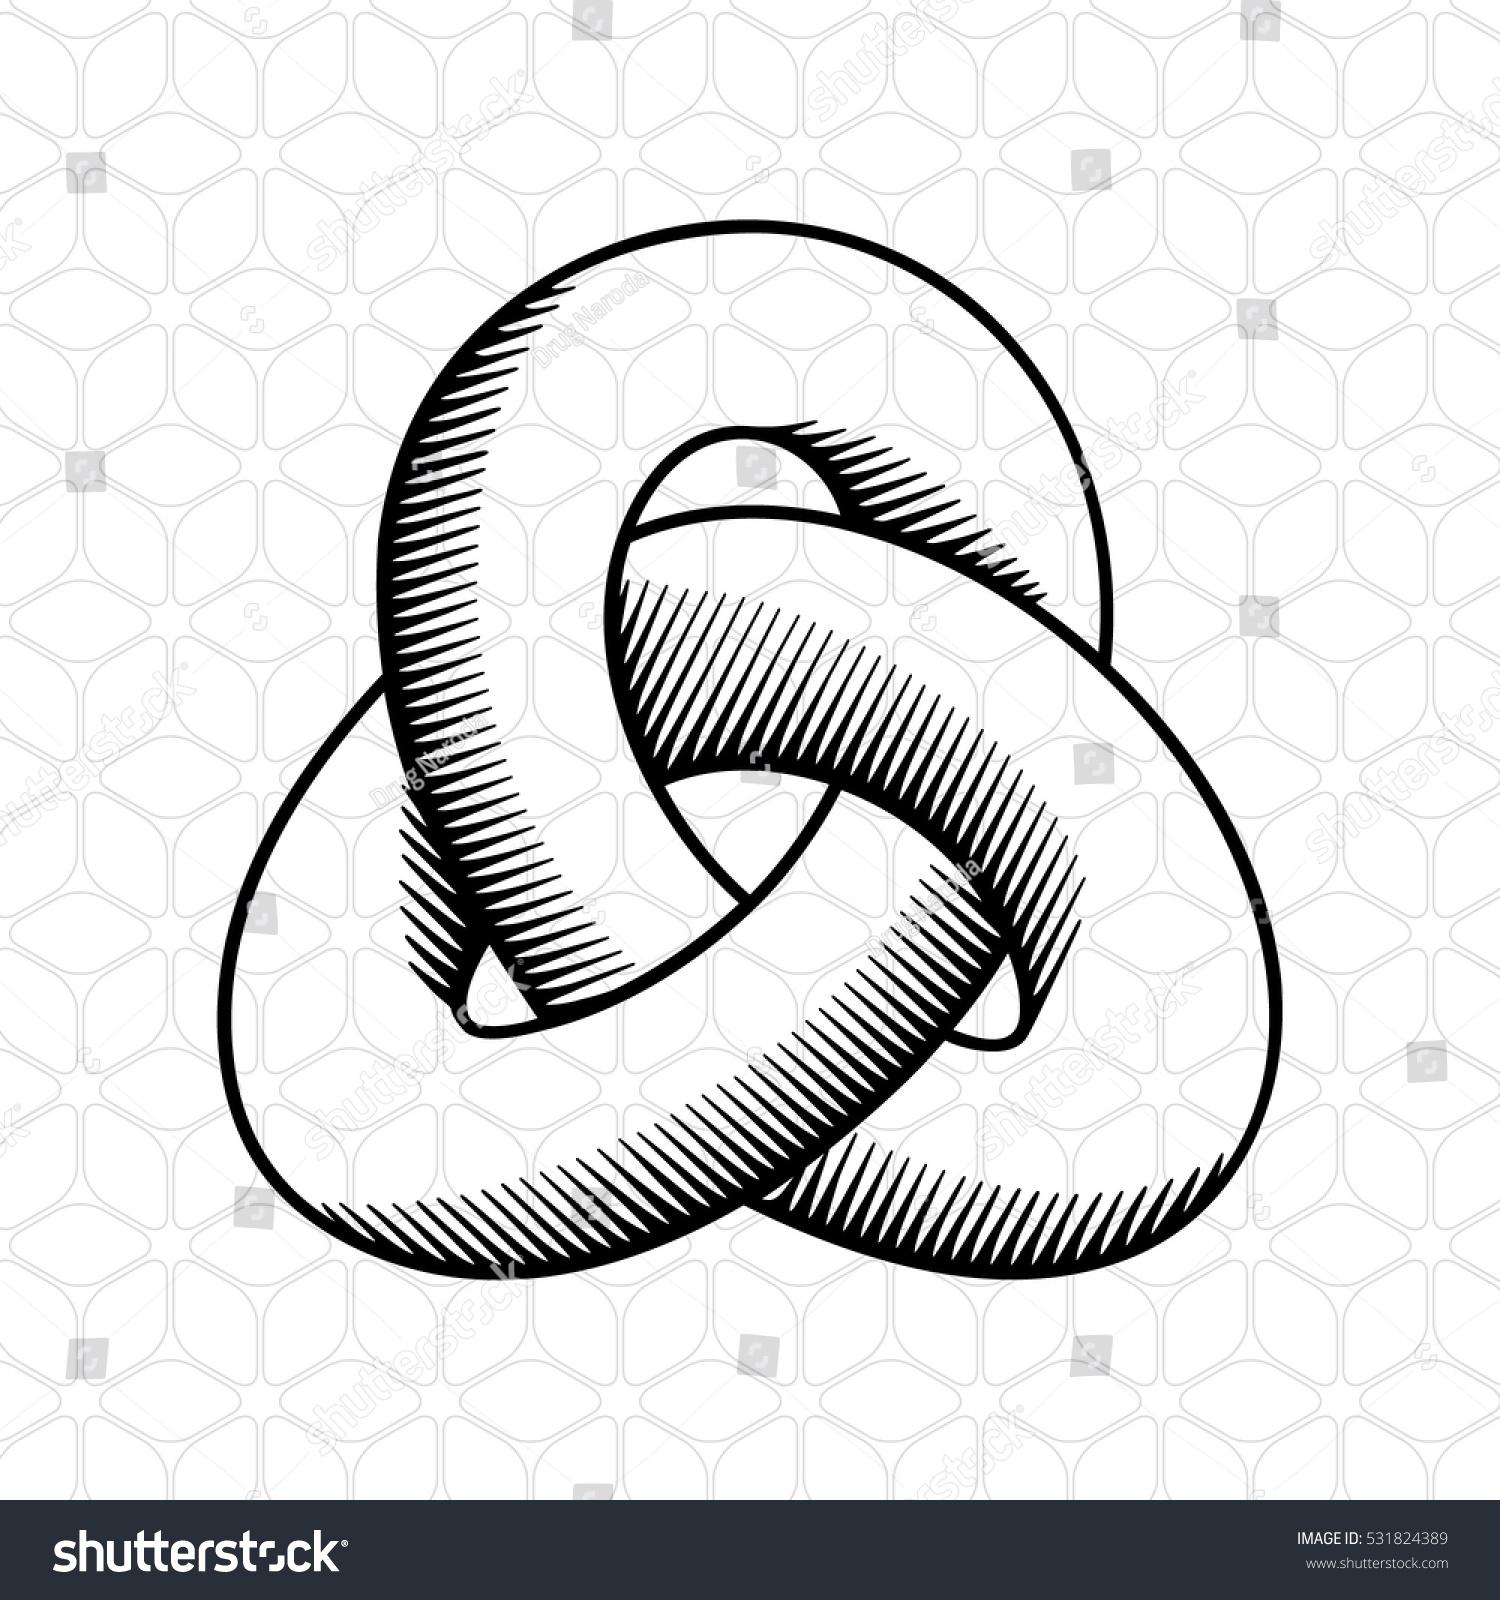 Triple Mobius Loop Impossible Geometric Figure Stock Vector (Royalty ...